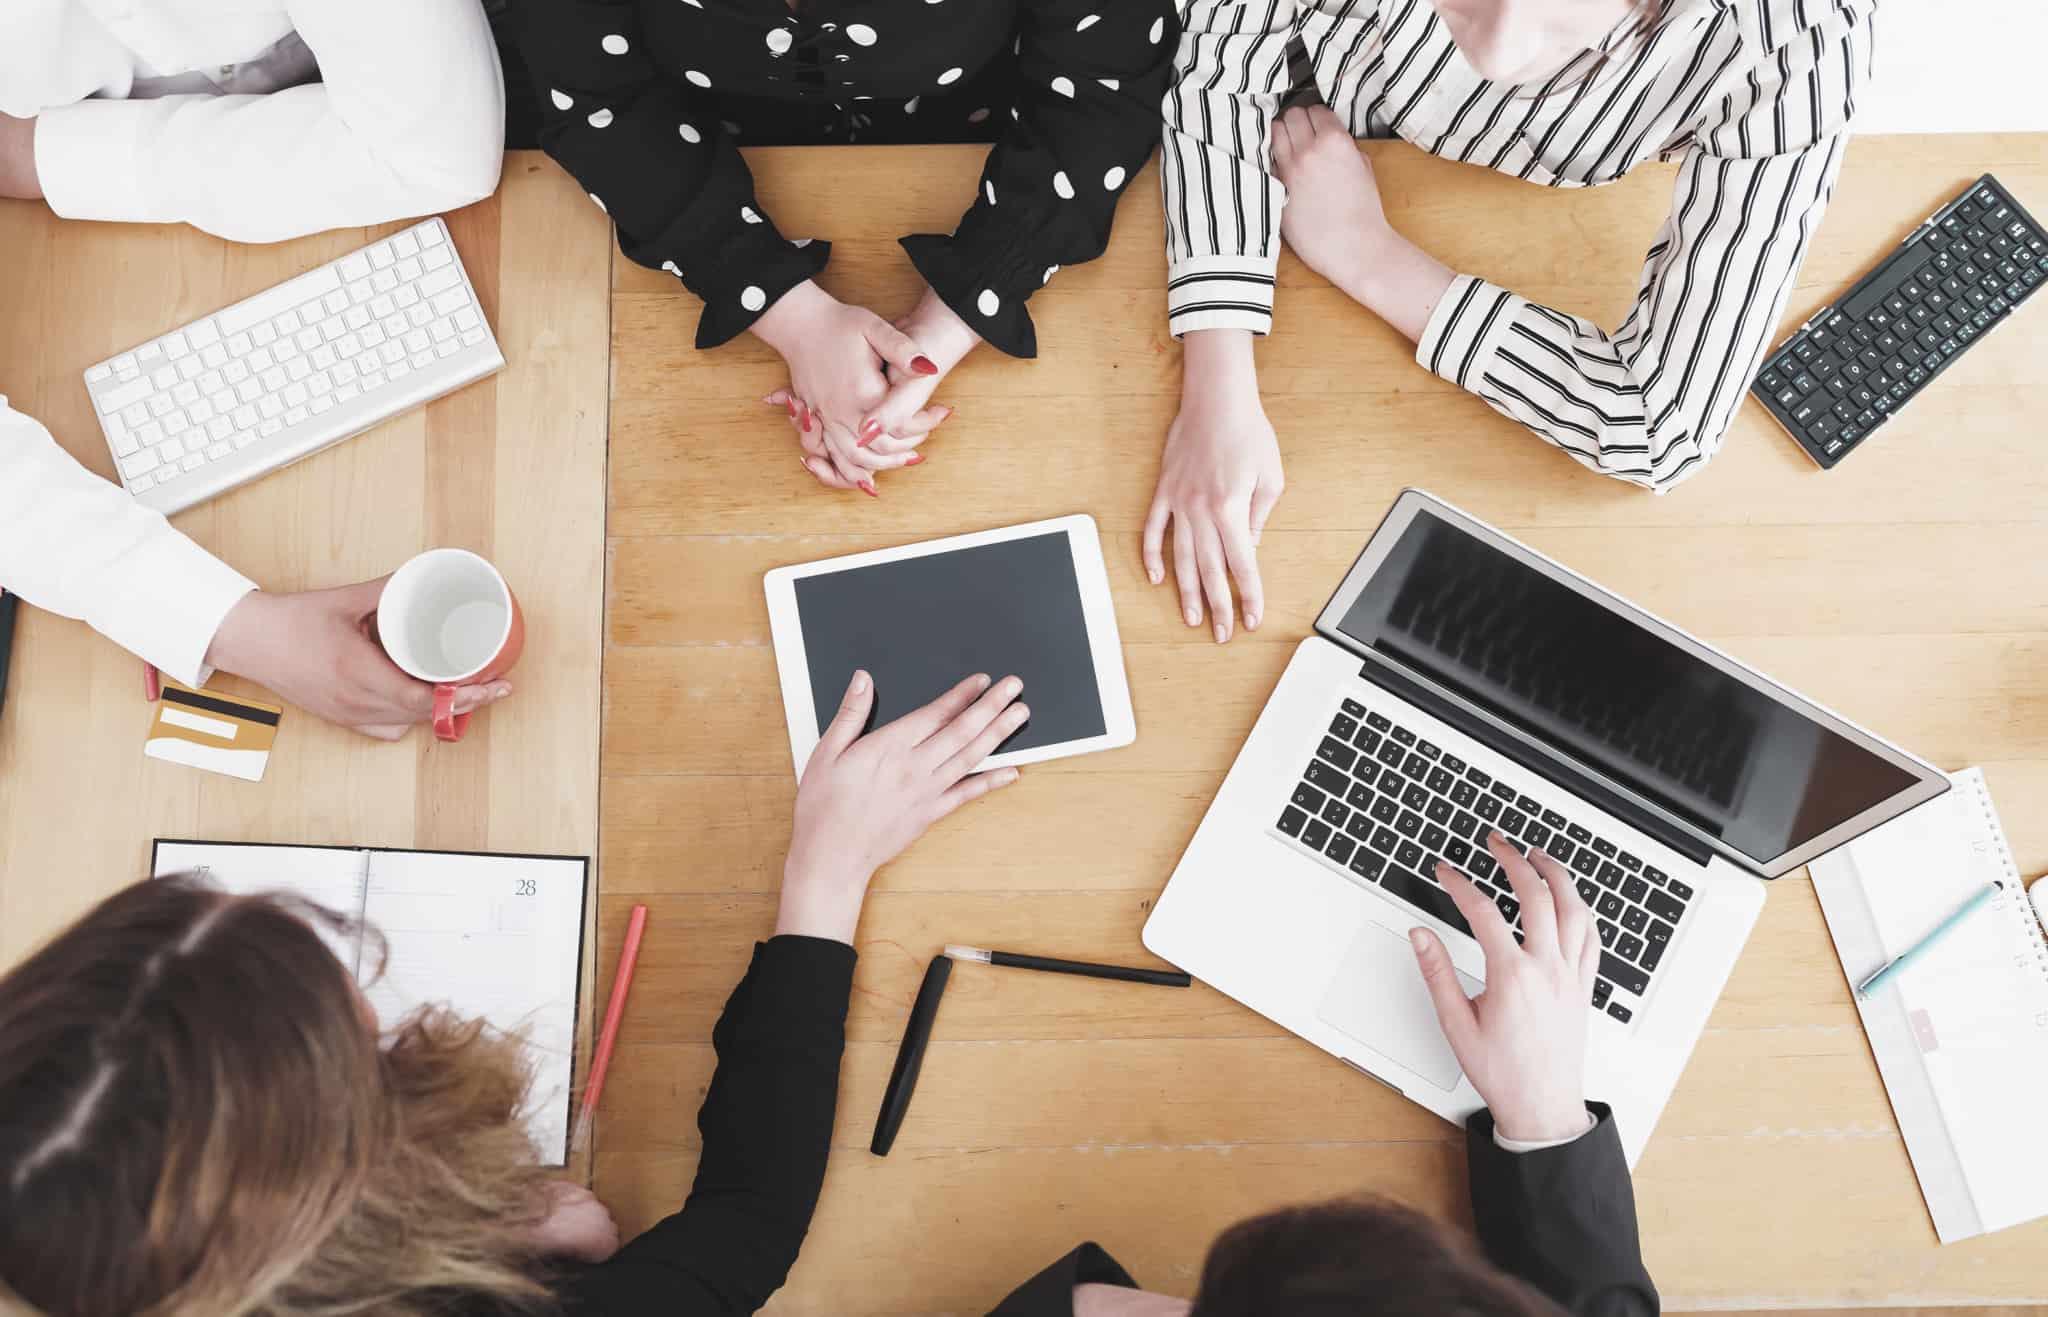 5 mulheres numa reunião de trabalho